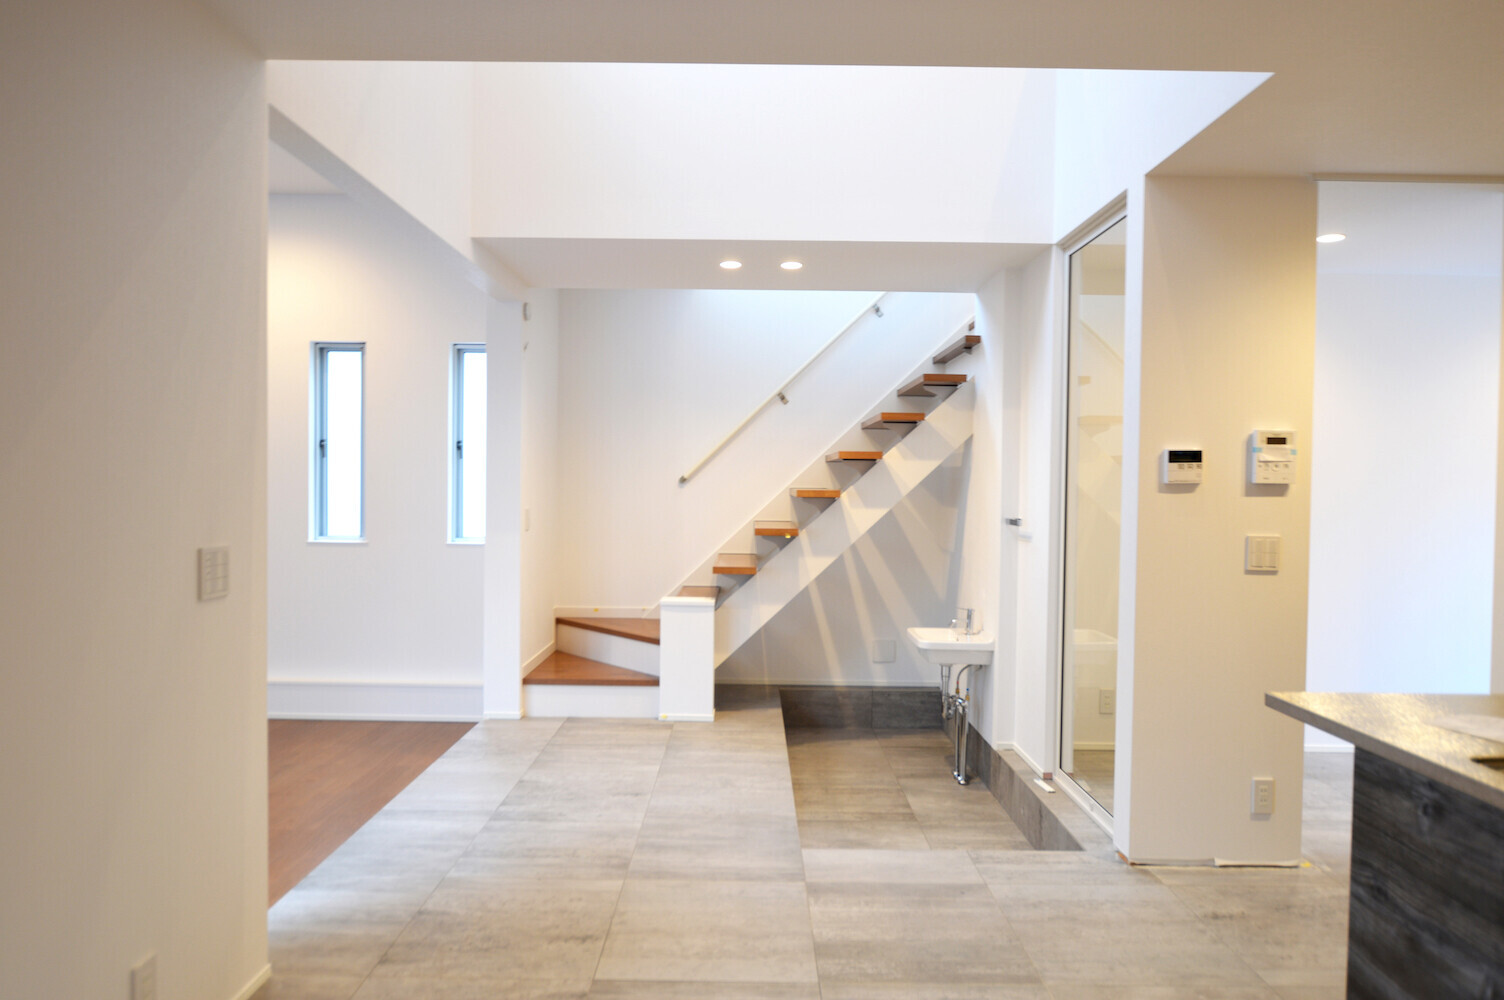 ペットと暮らす家(キズ防止、足洗いスペース)の建築事例写真